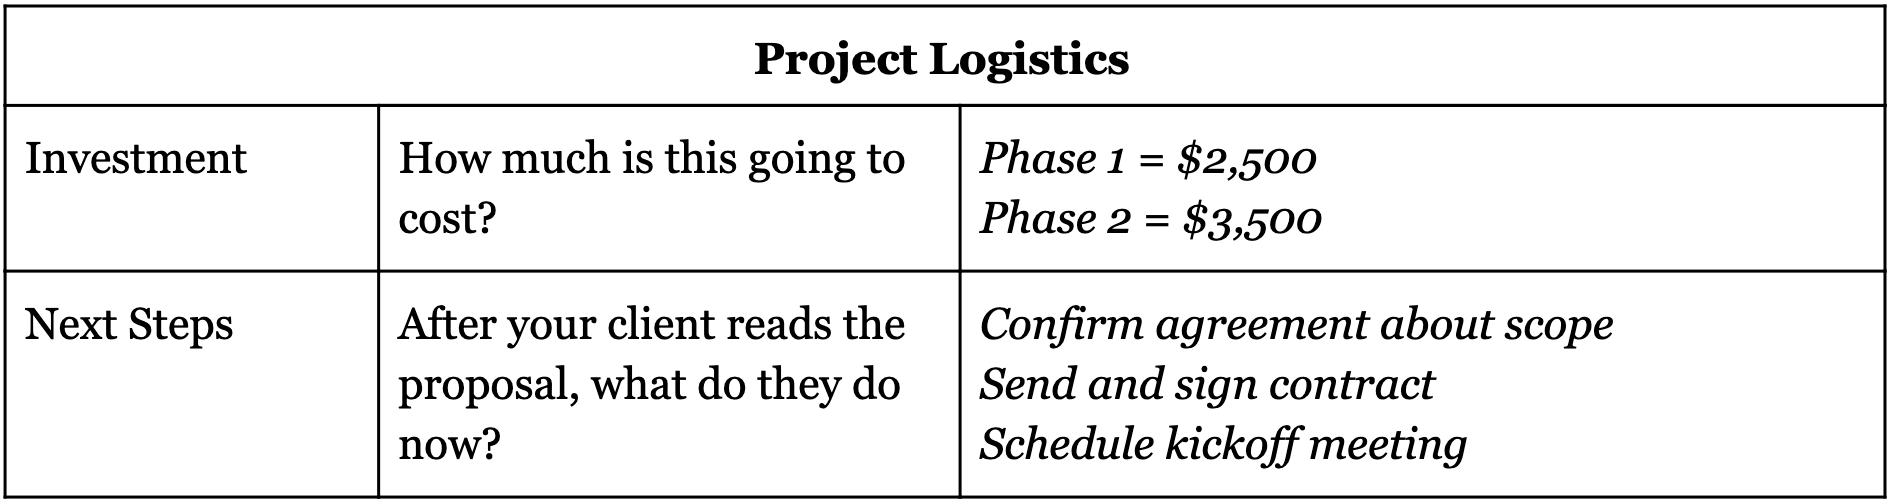 Project Logistics.png